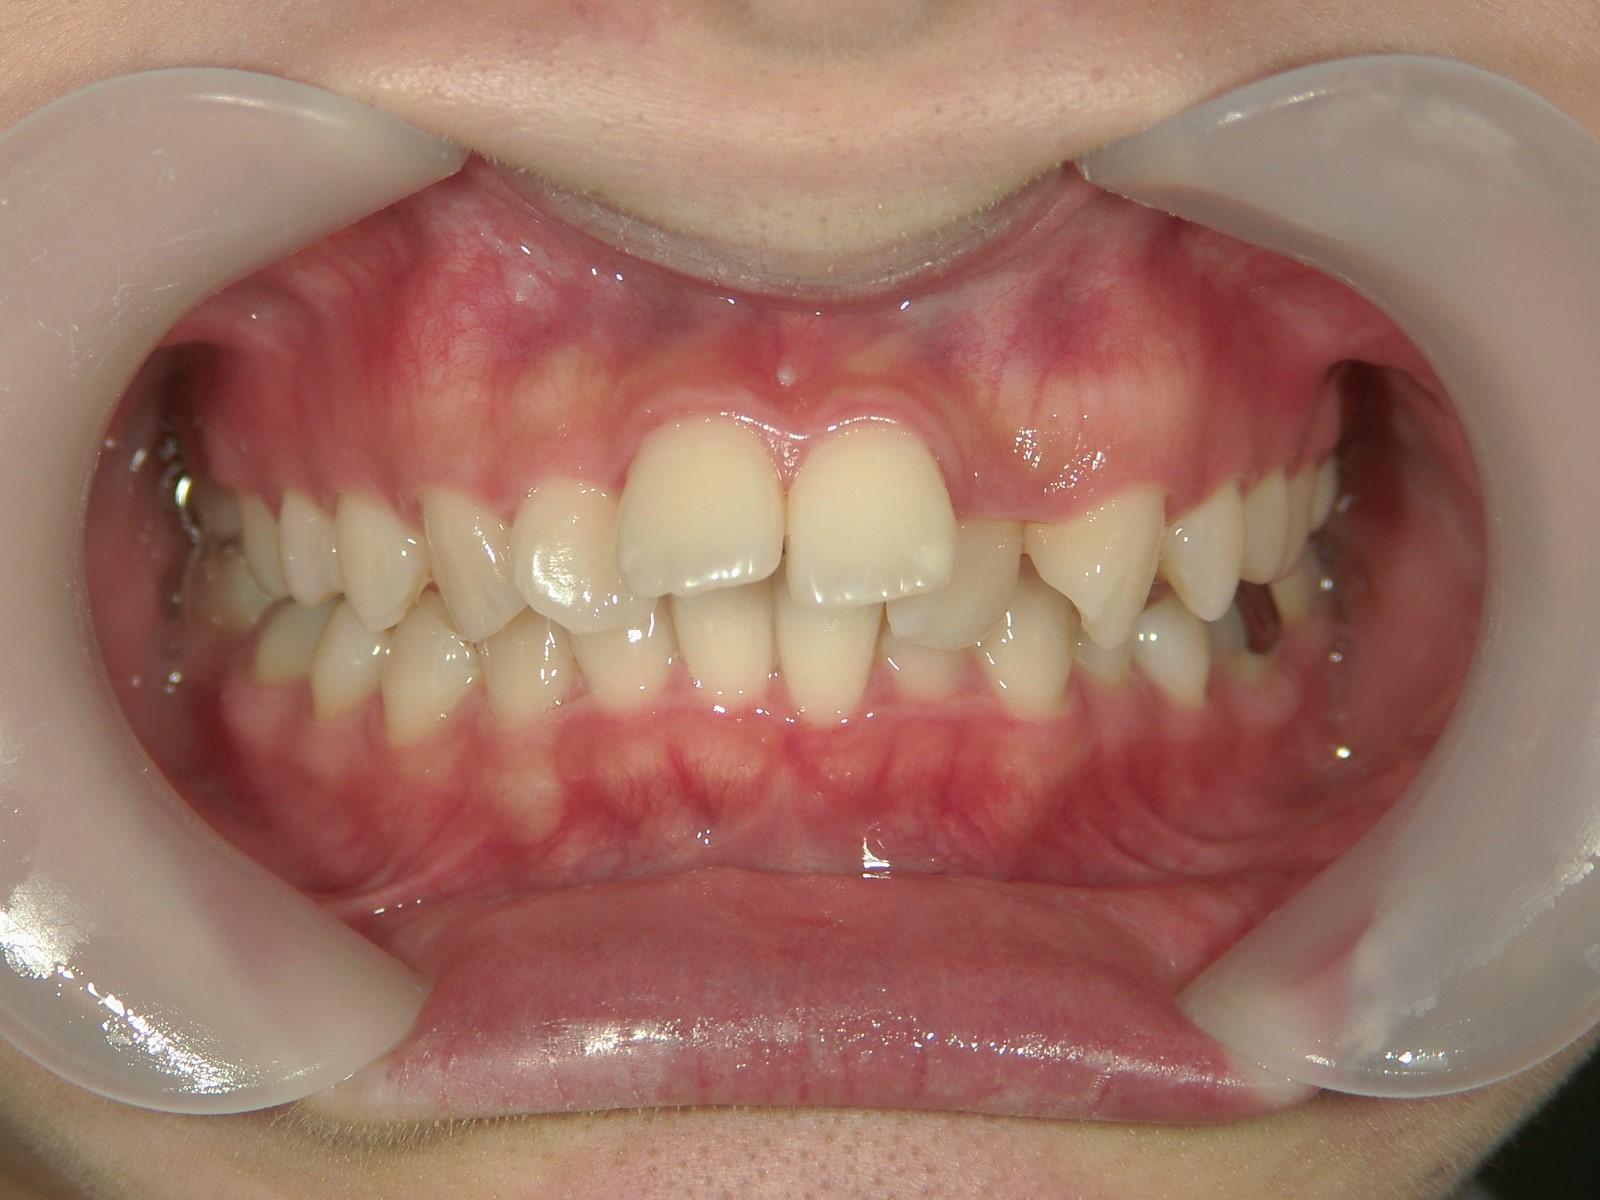 全顎ワイヤー矯正 症例(42)